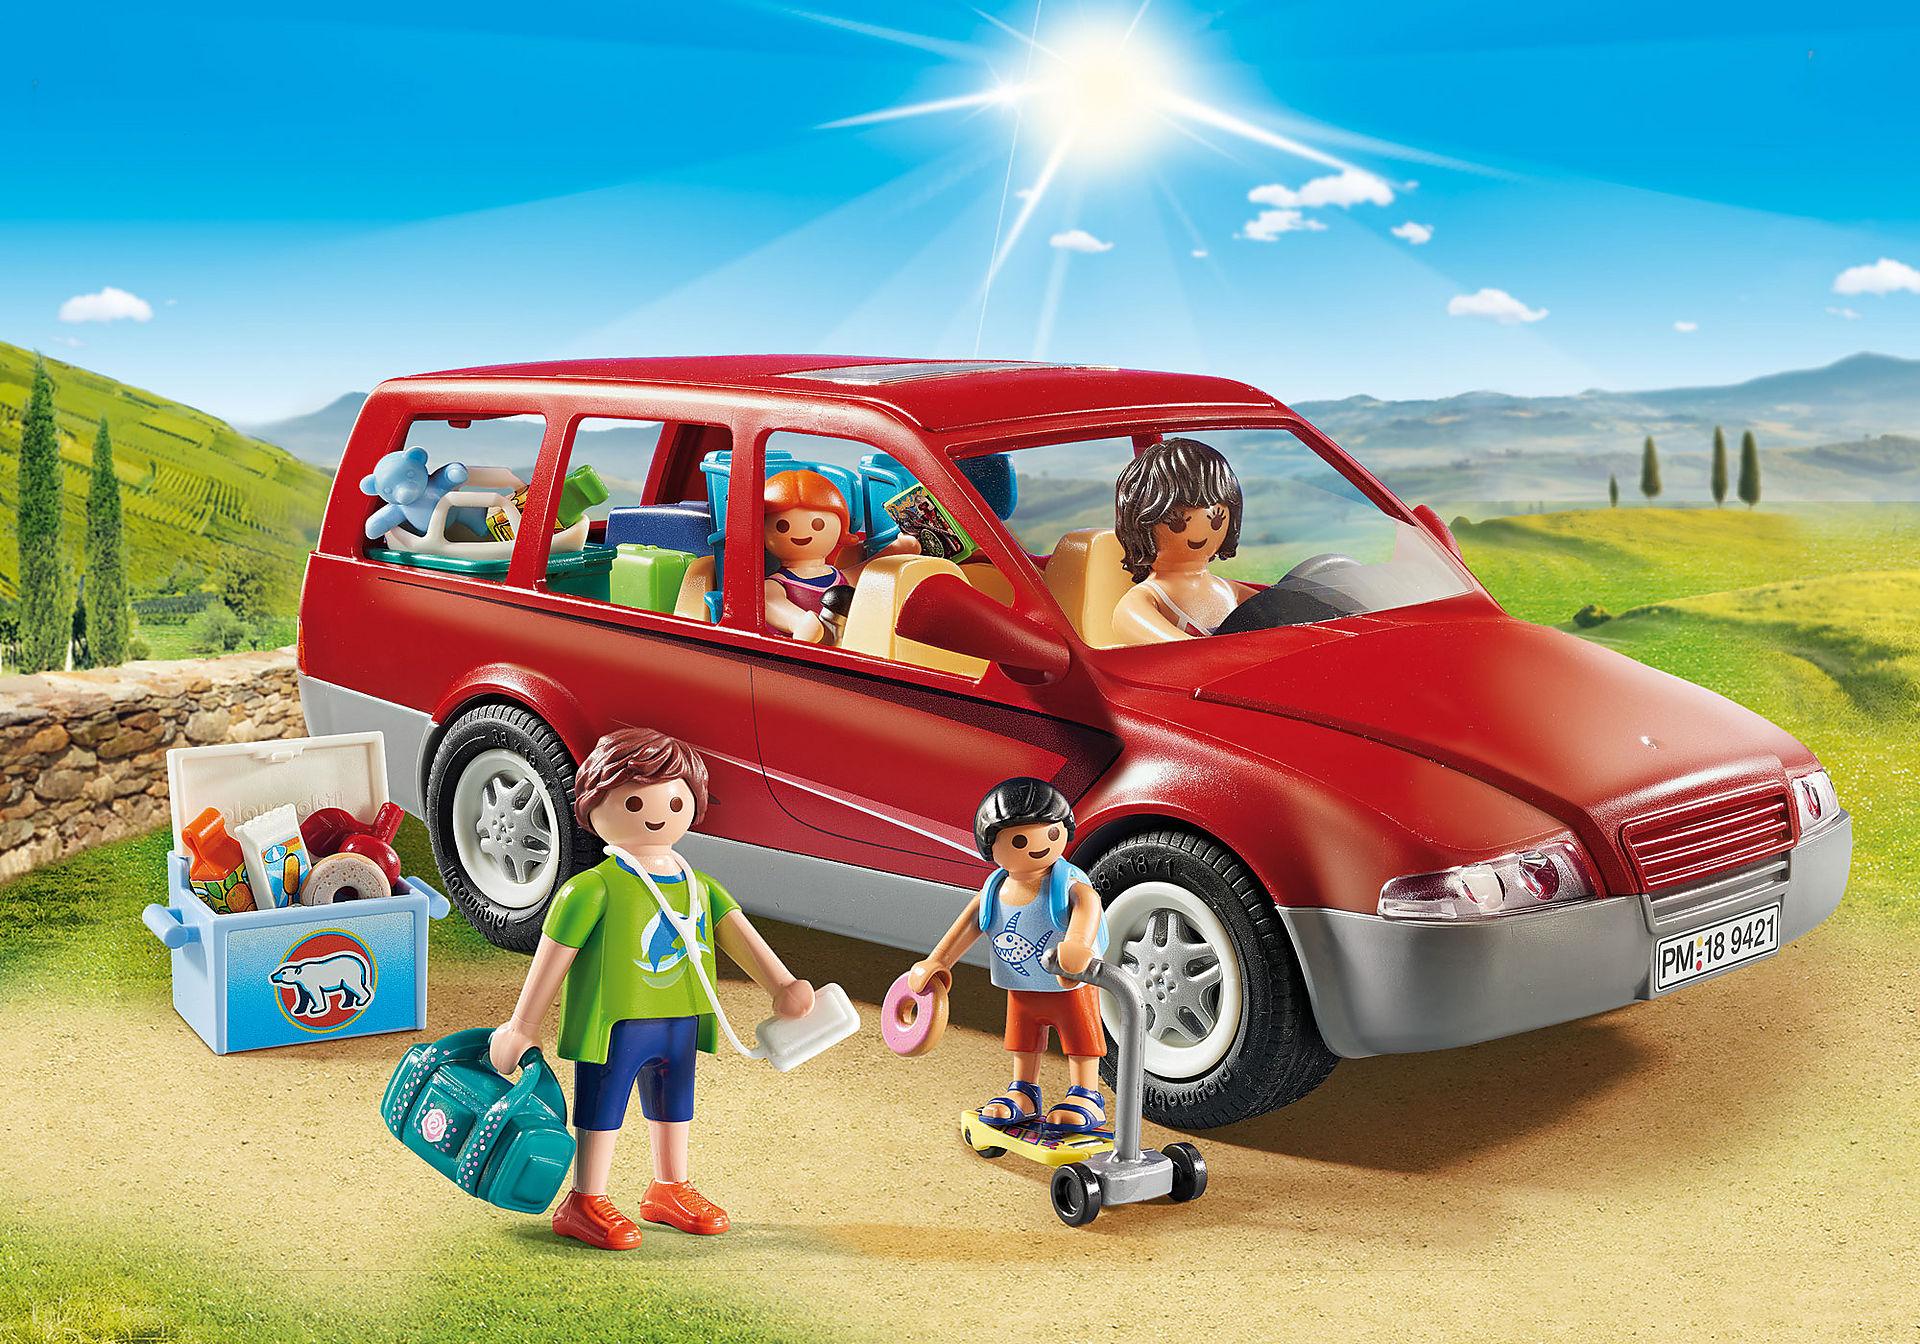 9421 Οικογενειακό πολυχρηστικό όχημα zoom image1